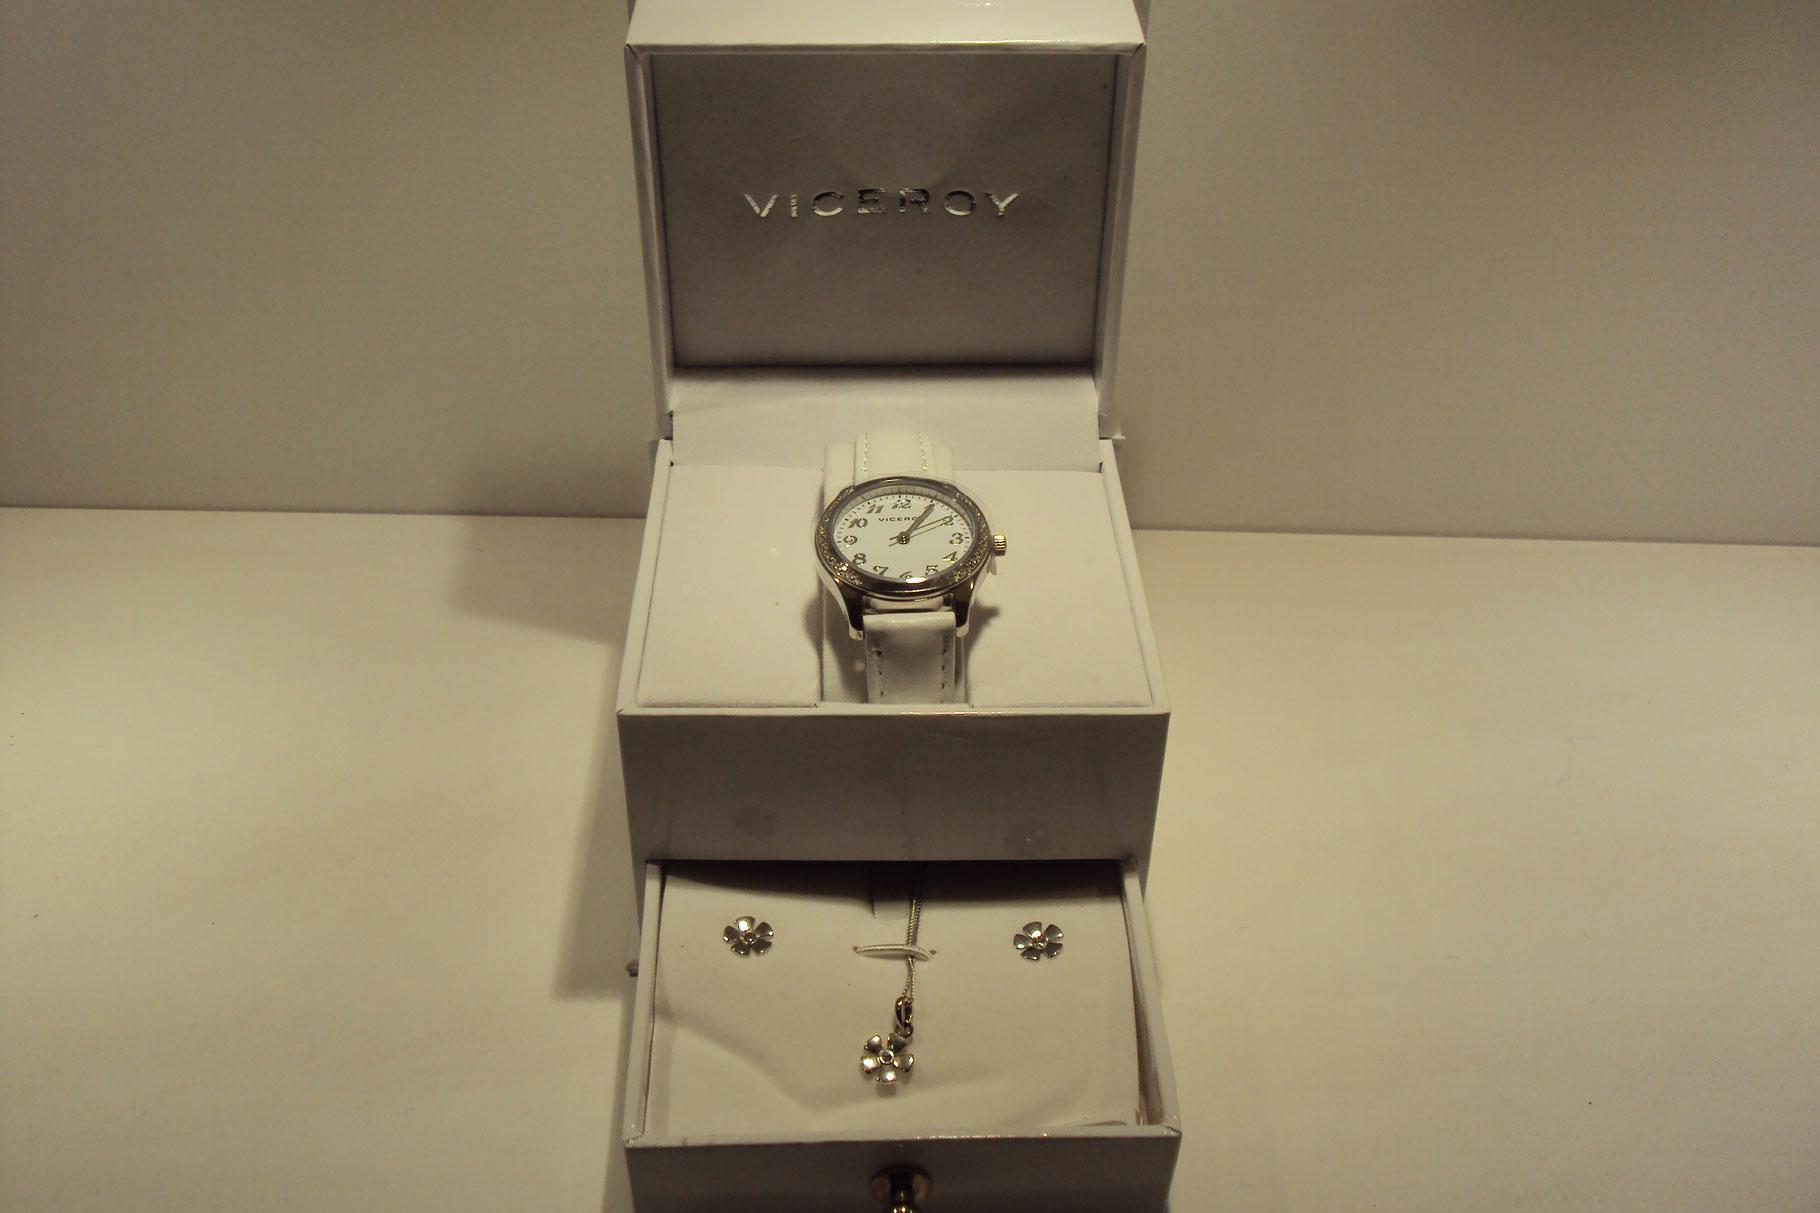 Reloj Viceroy con cajita joyerito con pendientes y colgante de plata.99€